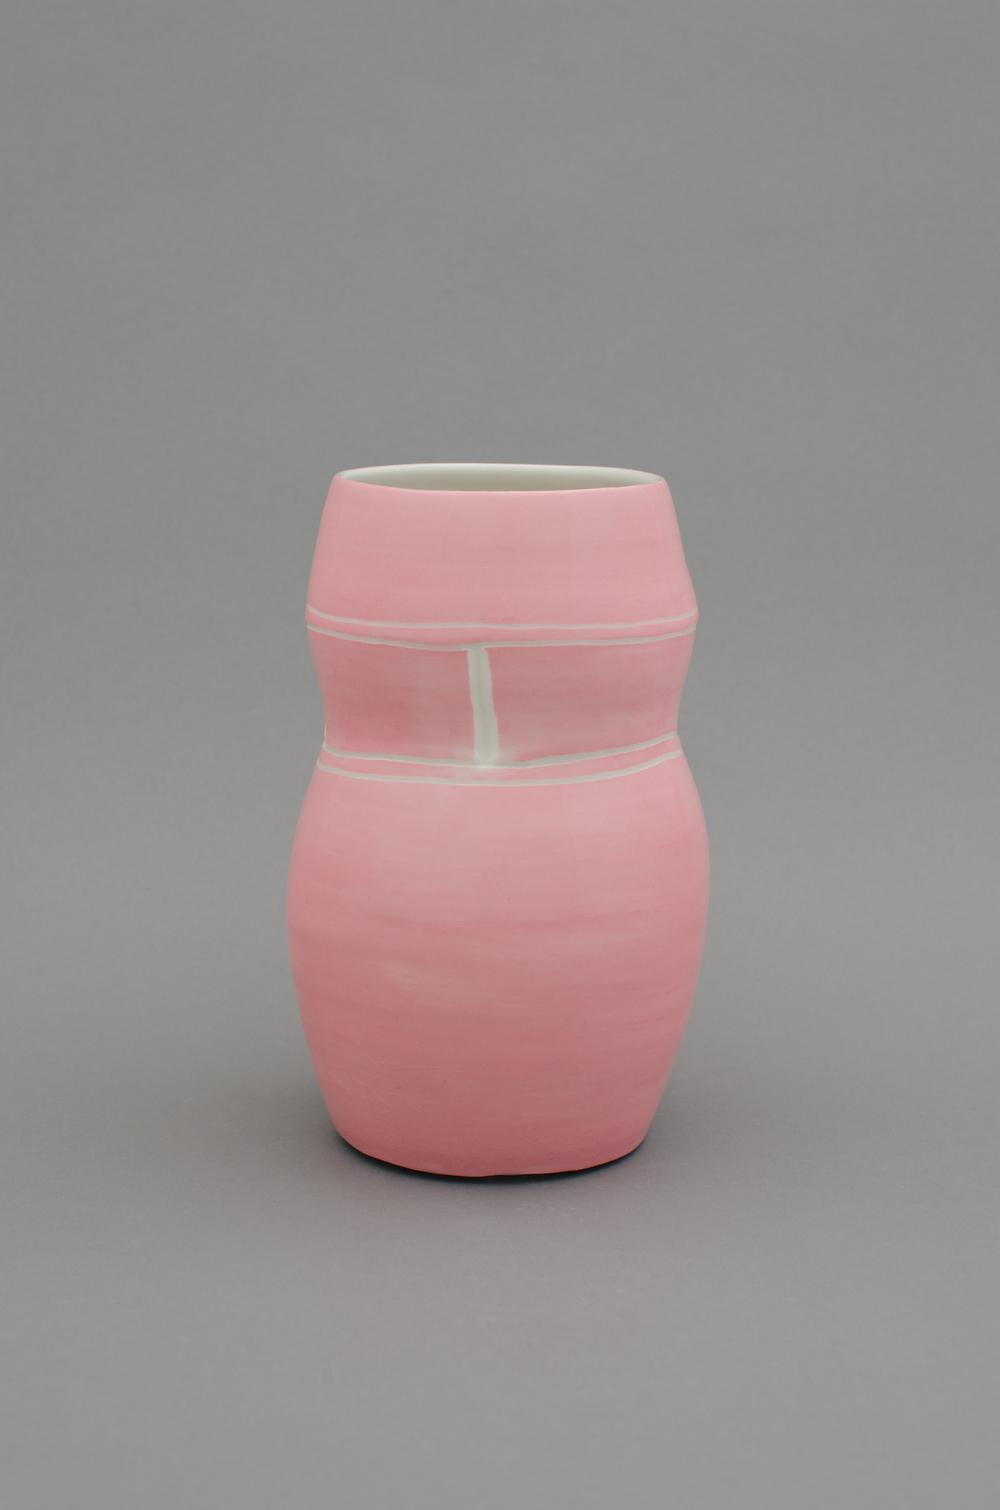 """Shio Kusaka  Untitled (pink 1)  2012   Porcelain   9 1/2"""" x 5 3/4"""" x 5 3/4"""" SK381"""